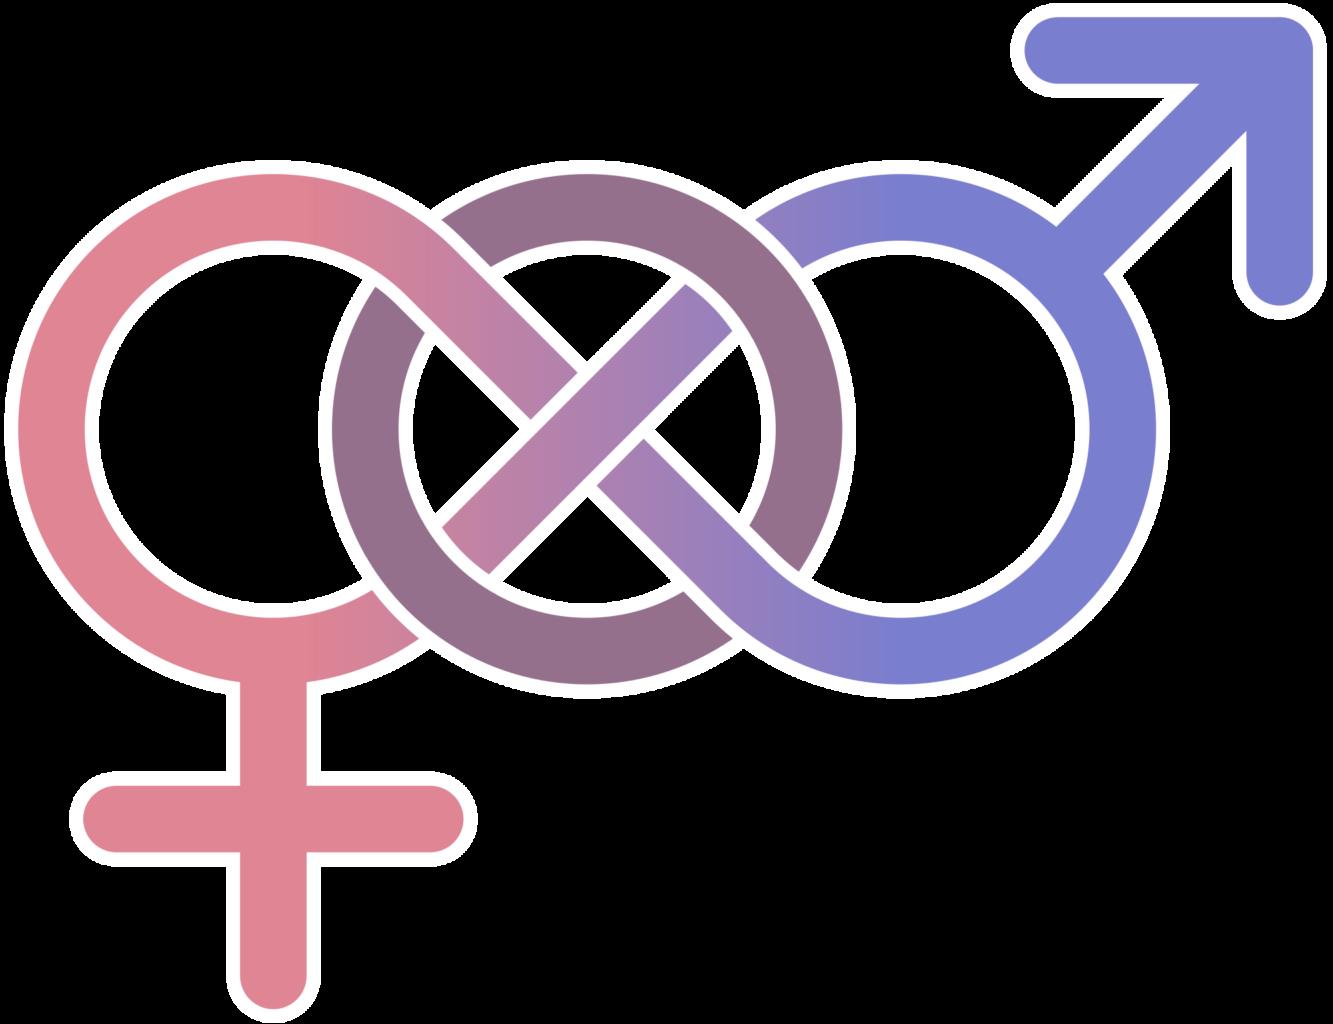 La Legge Tedesca E Il Riconoscimento Delle Diversita Nelle Caratteristiche Di Sesso Intersexioni